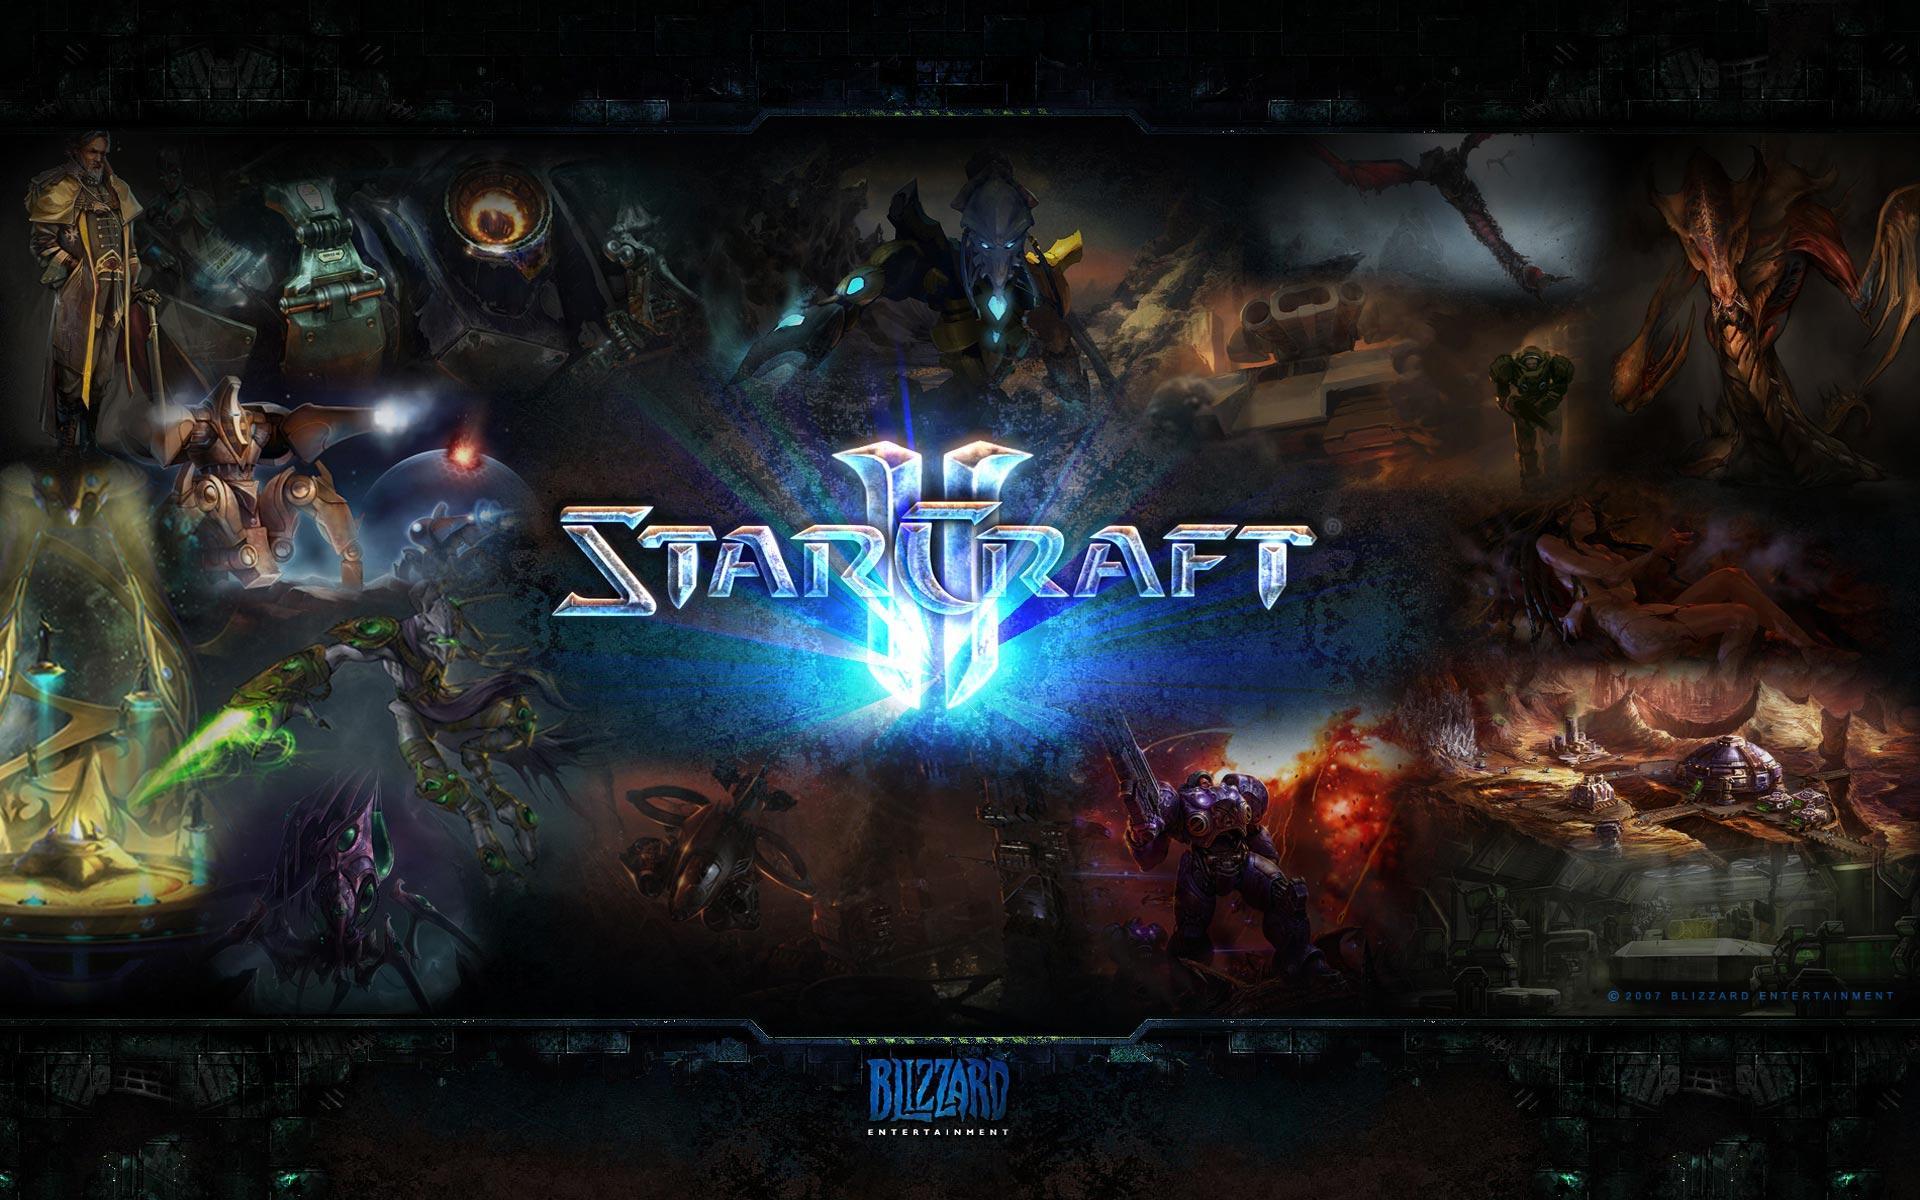 Игра Starcraft 2 будет абсолютно бесплатной для всех с 14 ноября